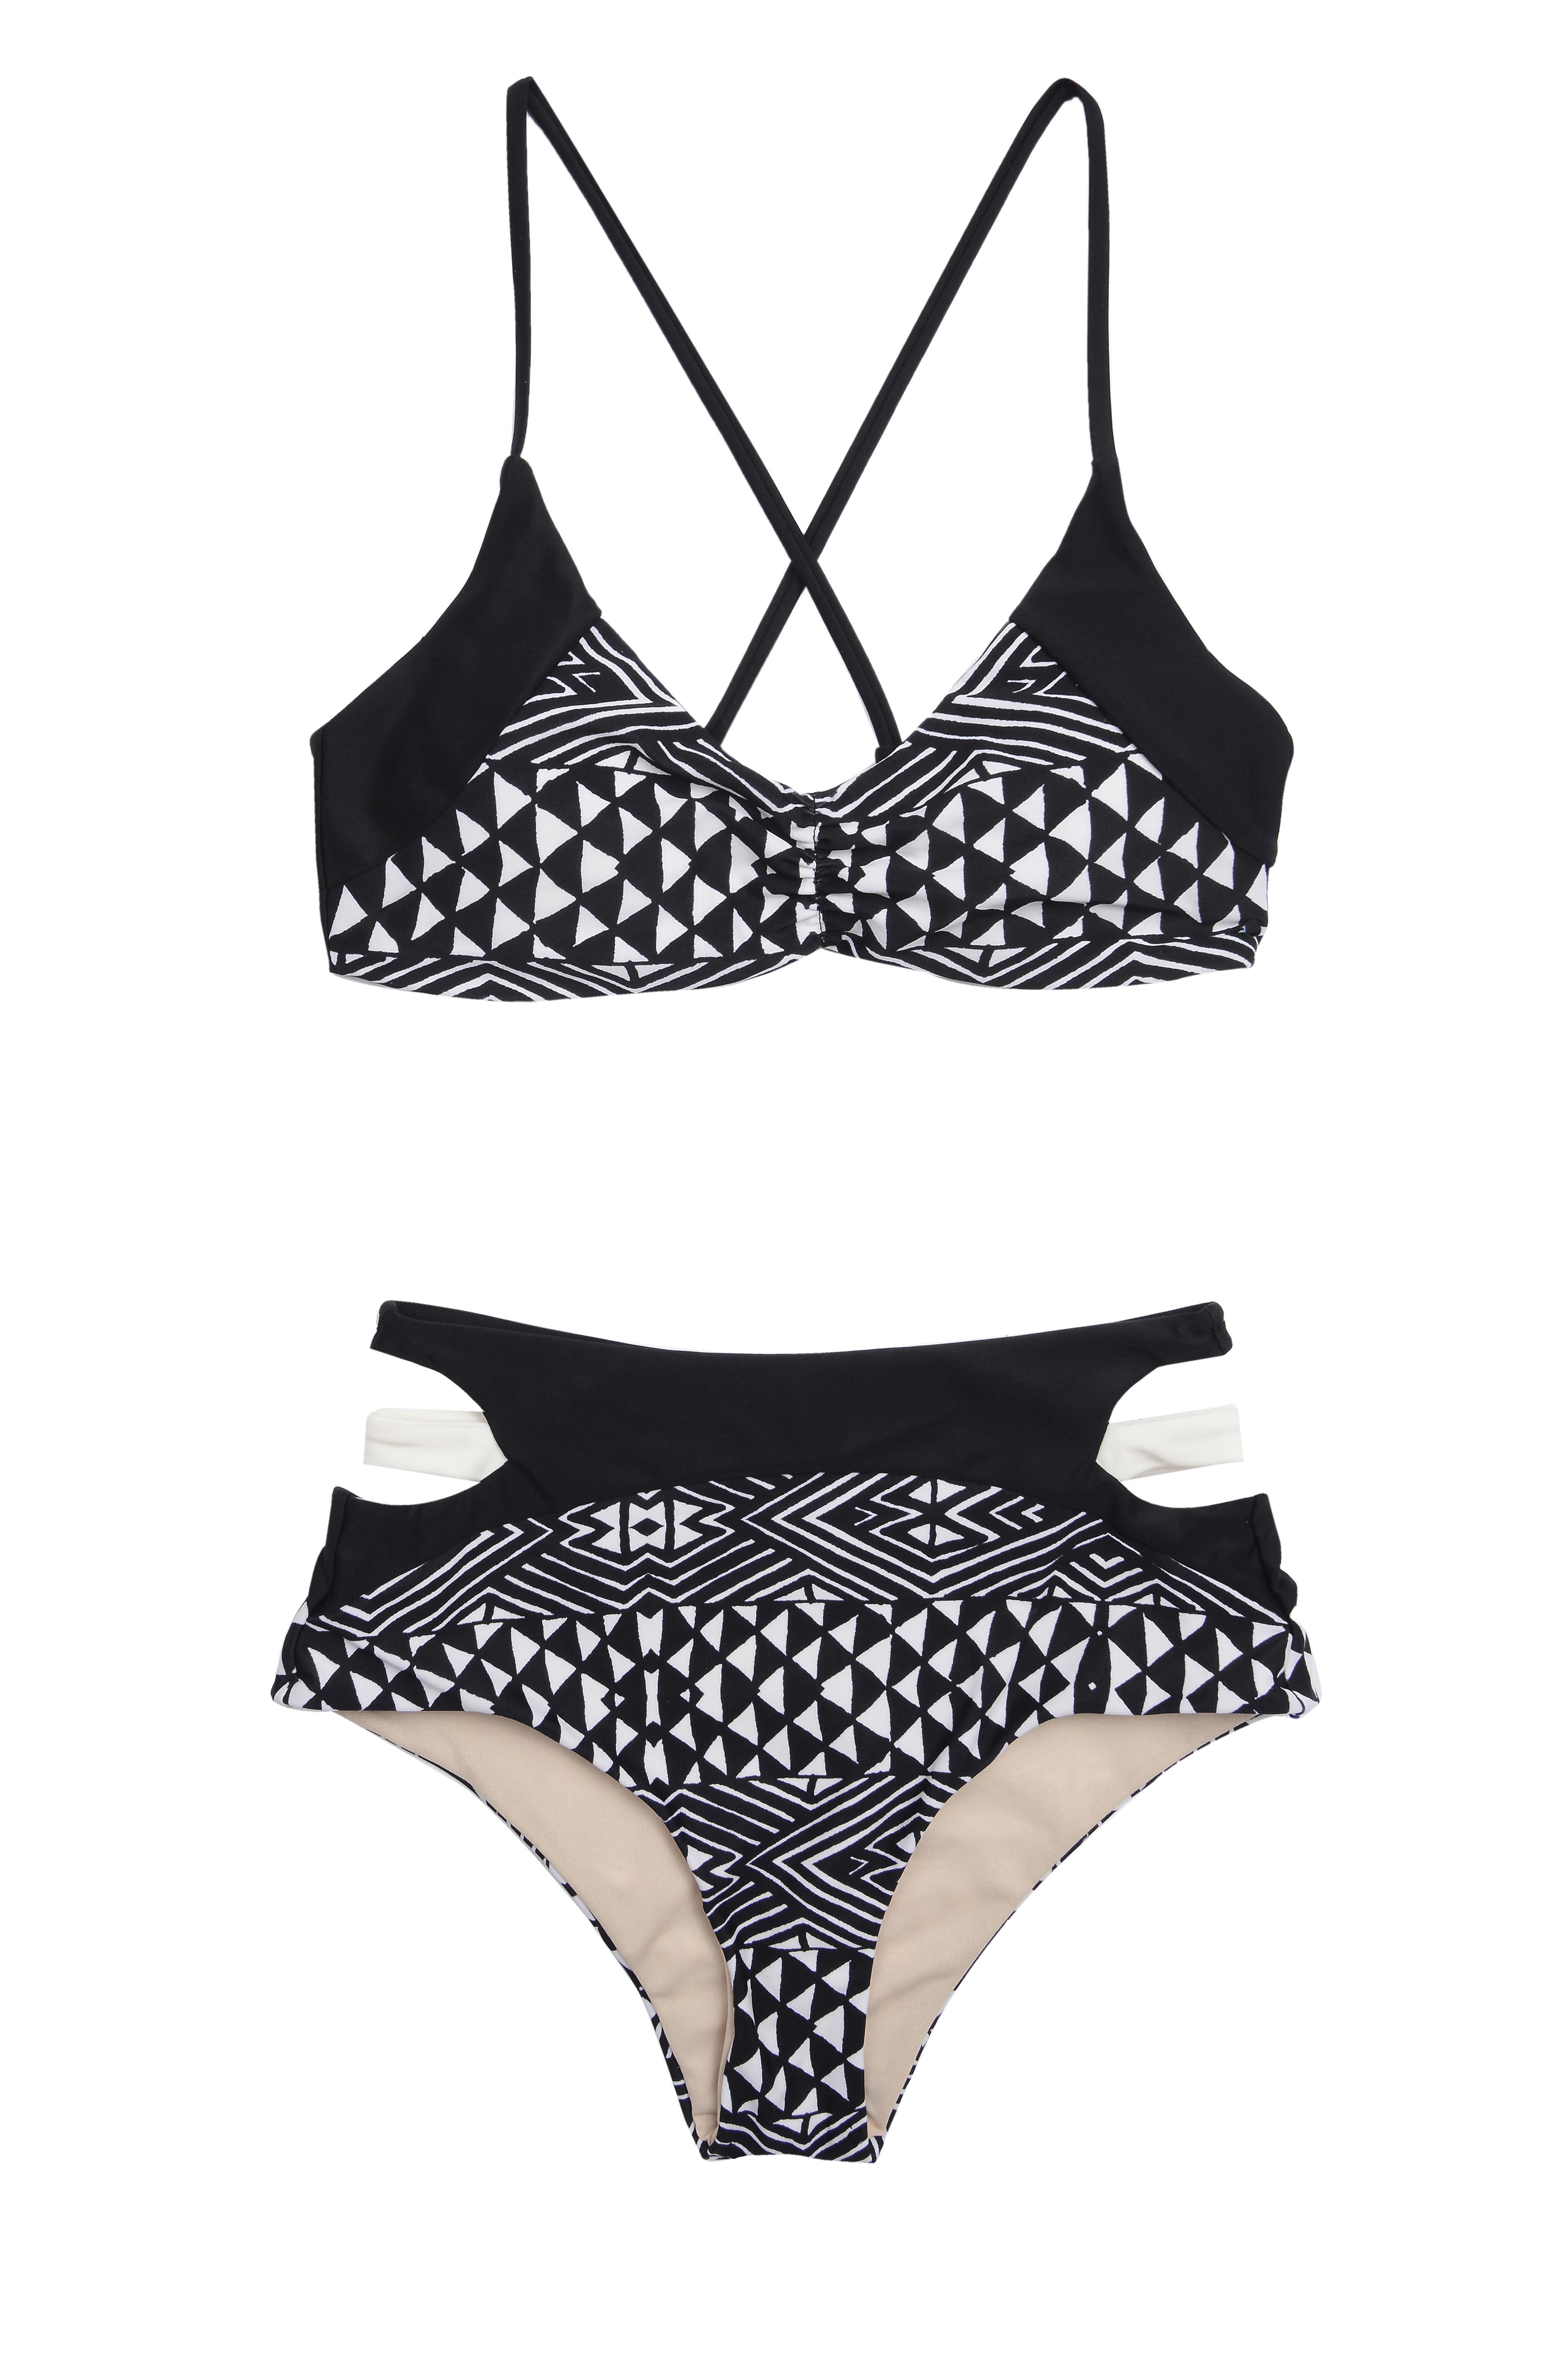 15 best highwaisted bikinis for summer high waist swimsuits